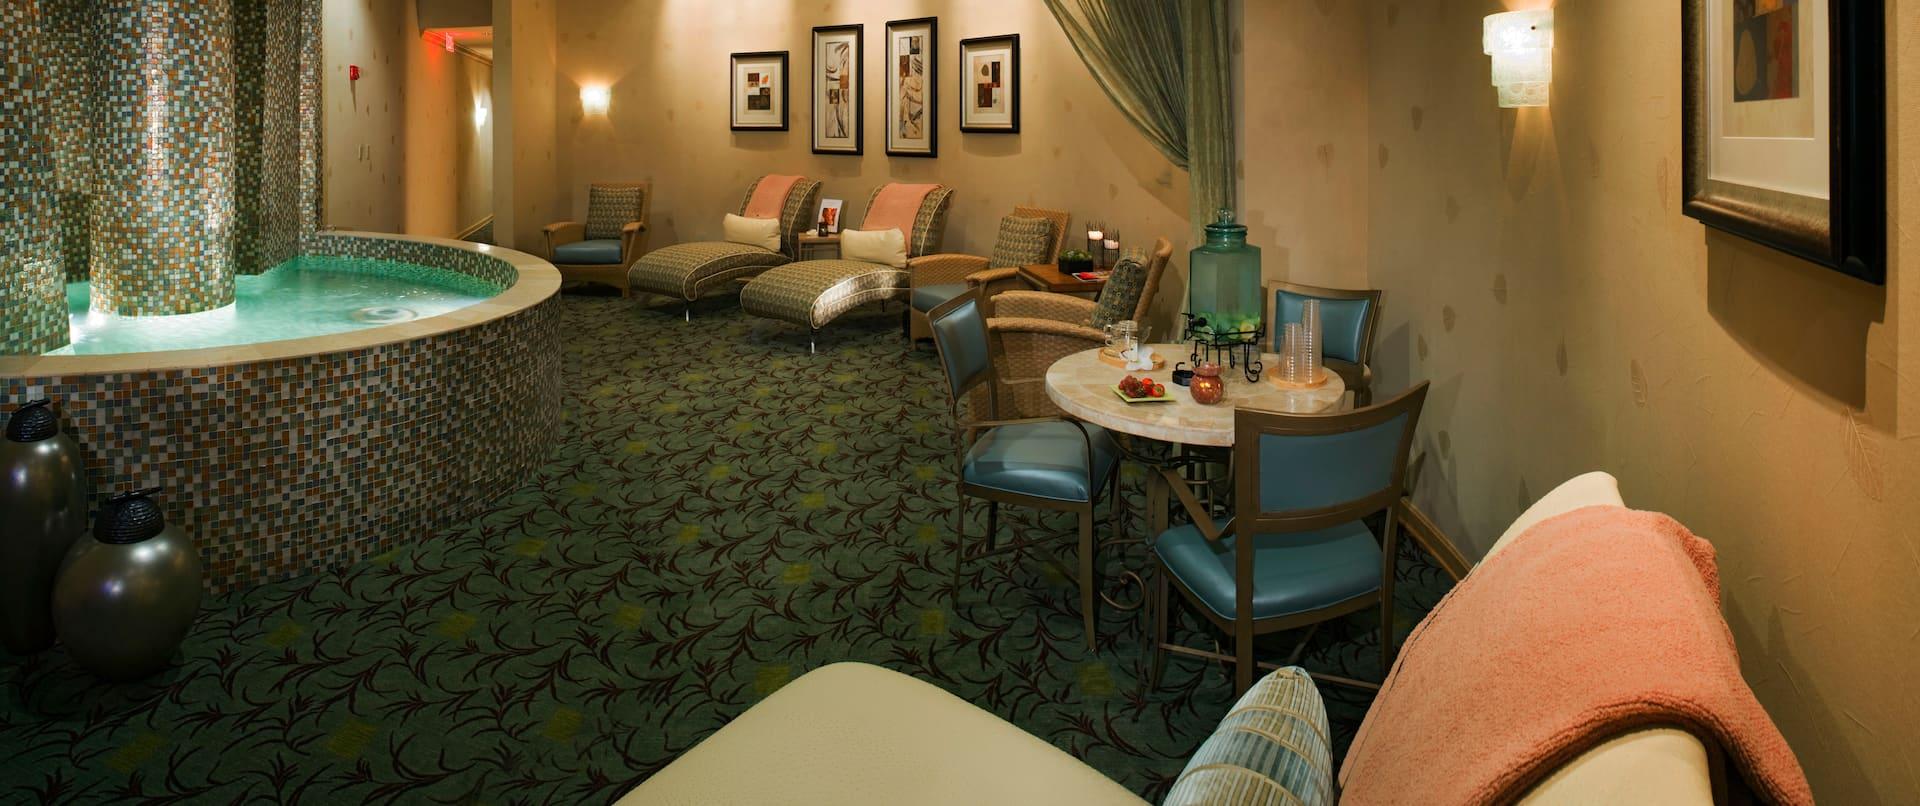 Spa Lounge Area